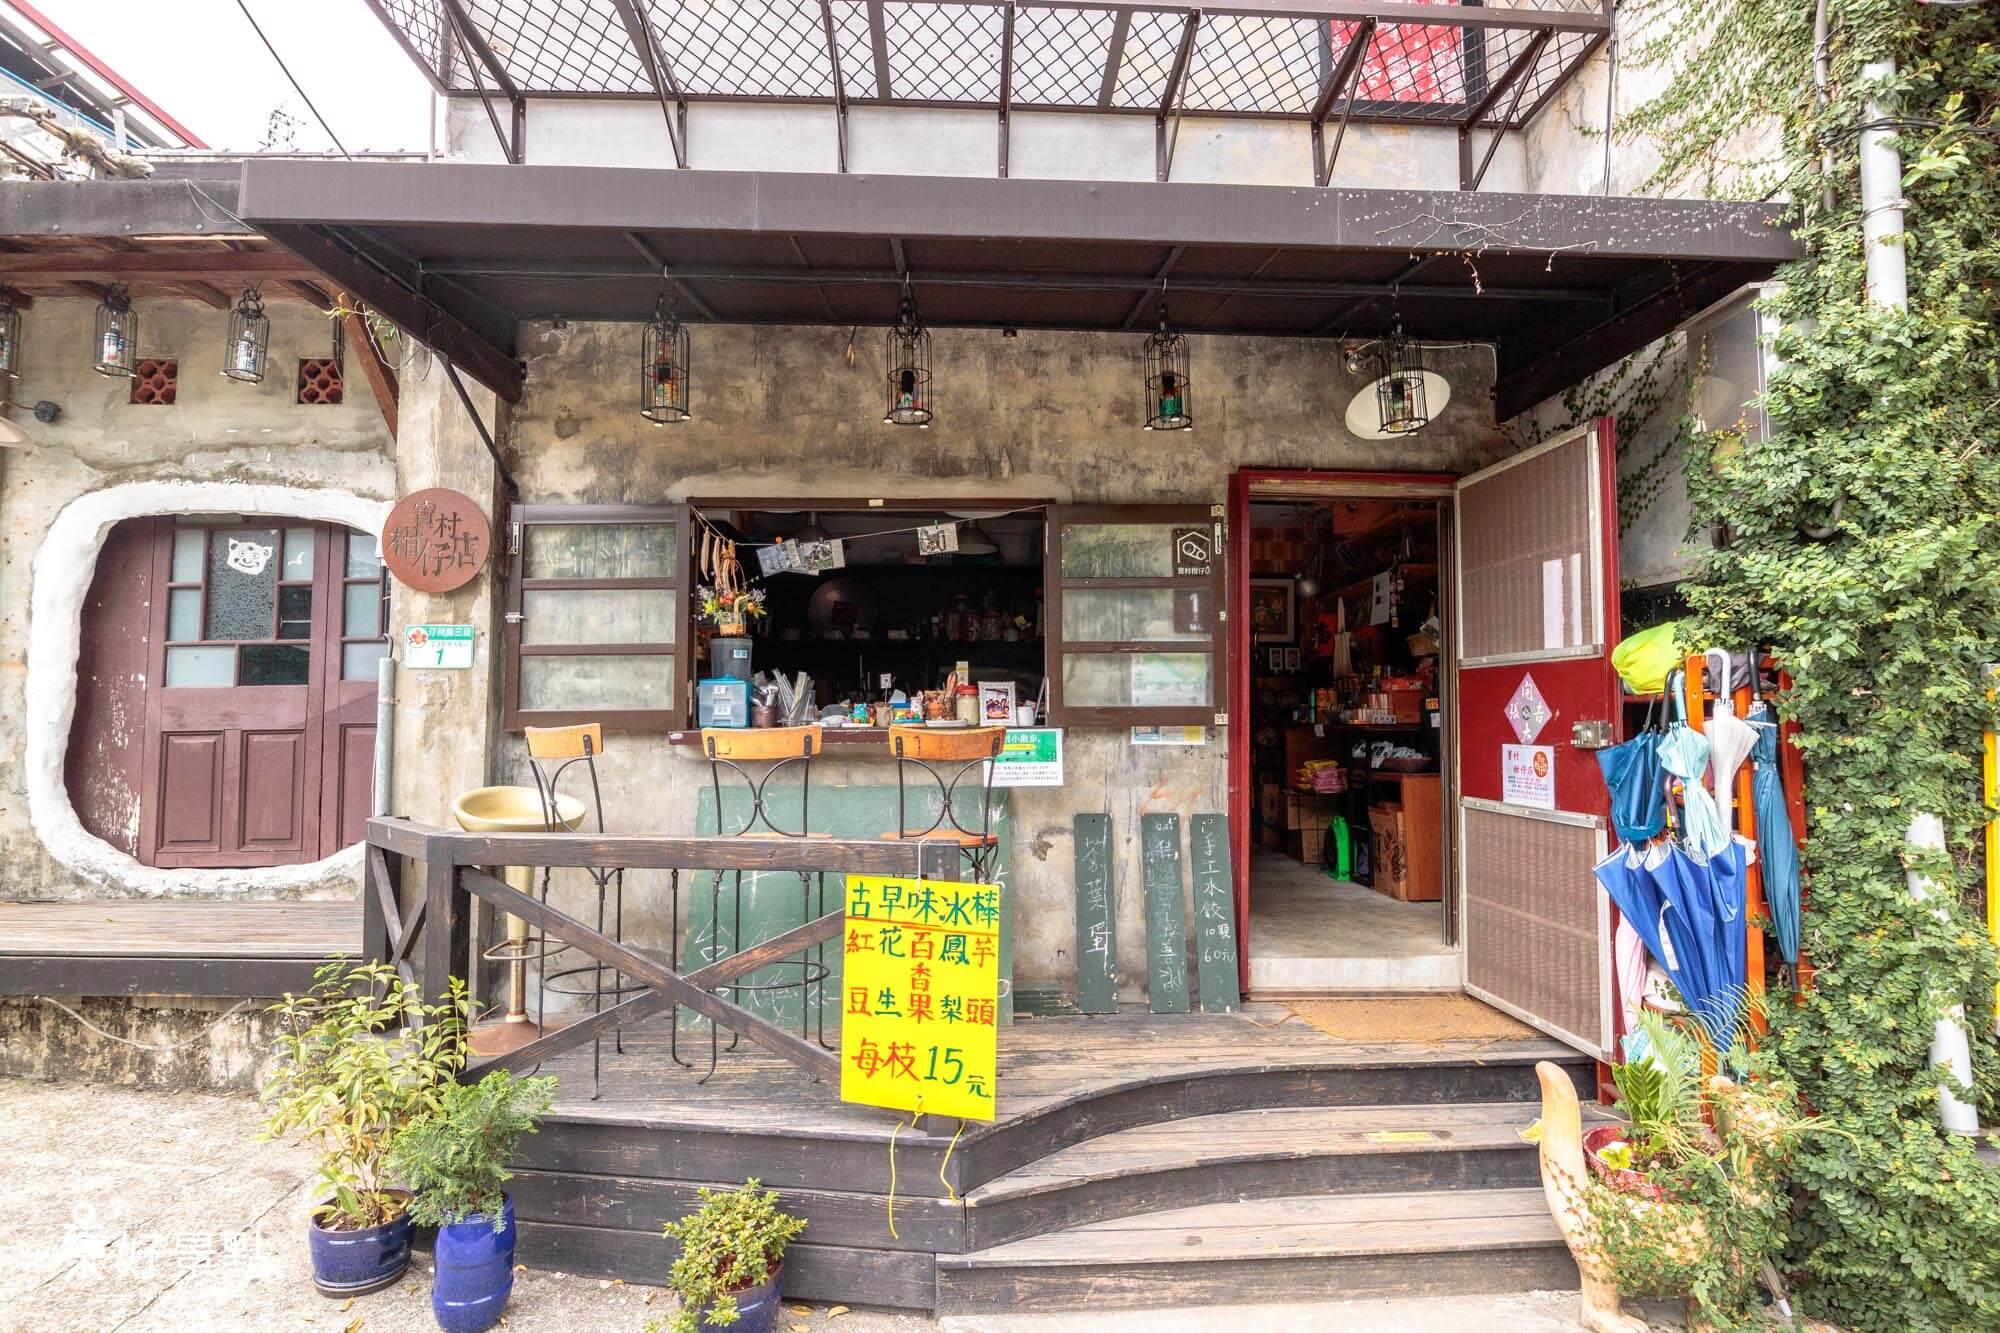 臺北中正景點「寶藏巖國際藝術村」充滿藝術與歷史的山城/文青必訪景點 - 好景點